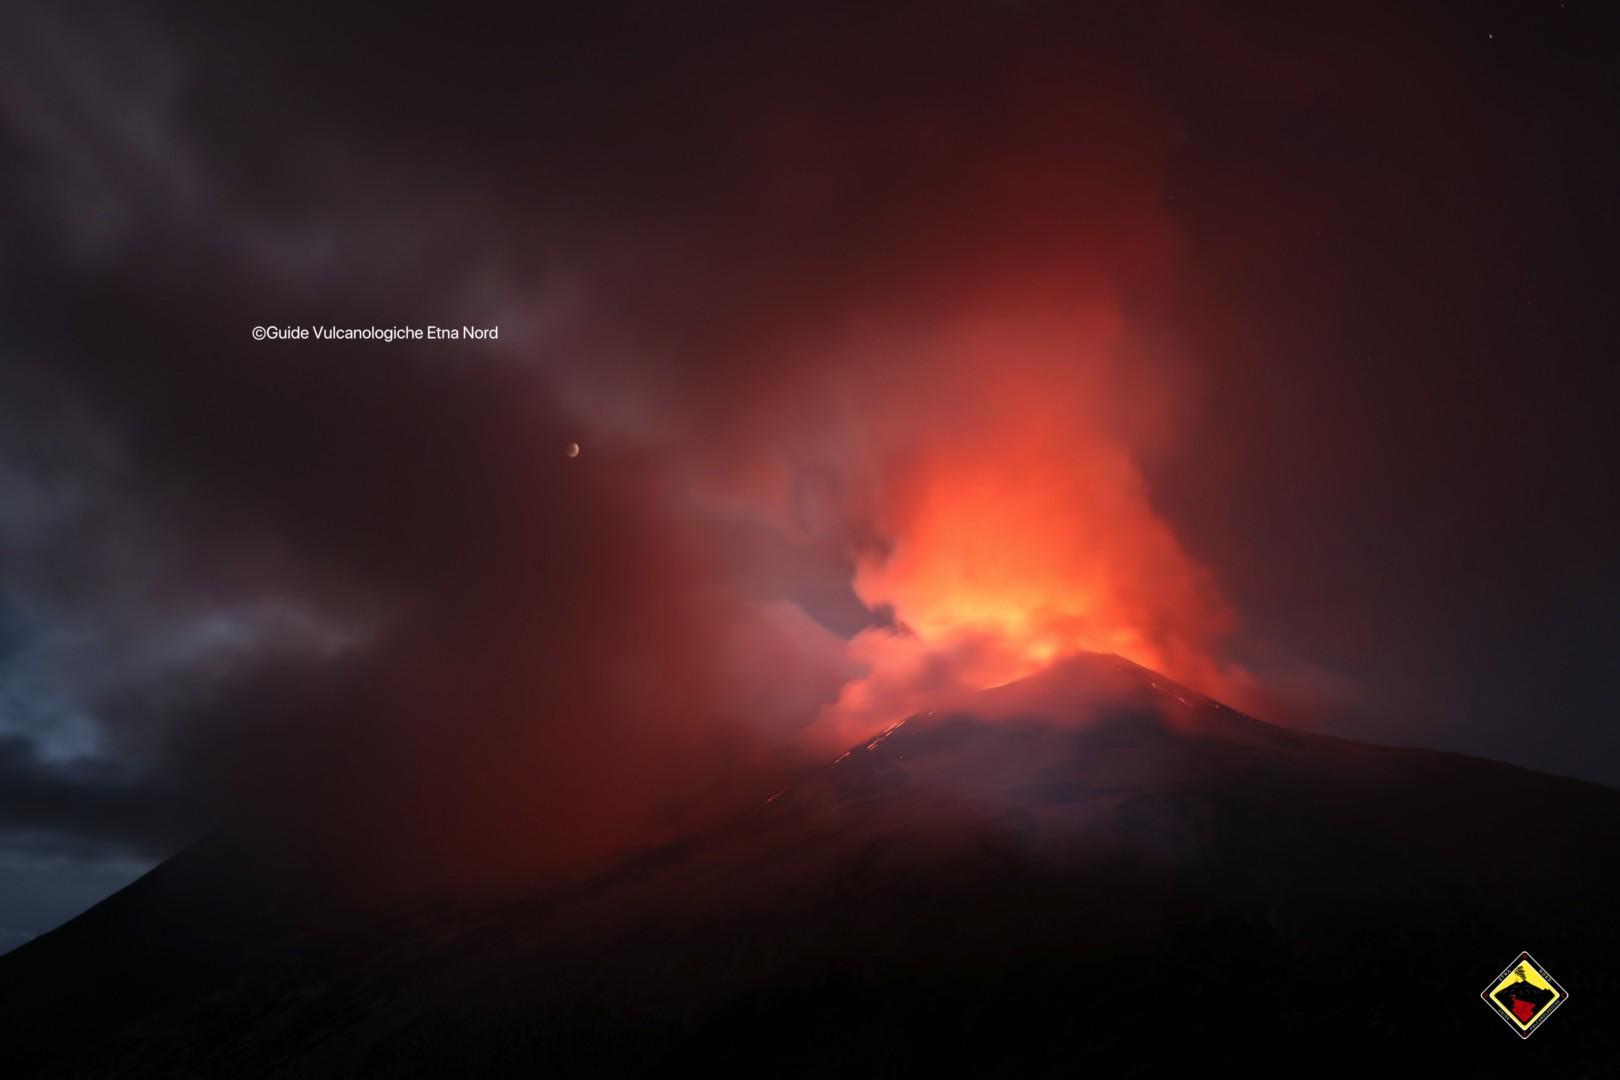 Aggiornamento – Stato dell'attività eruttiva dell'Etna 17 settembre 2019